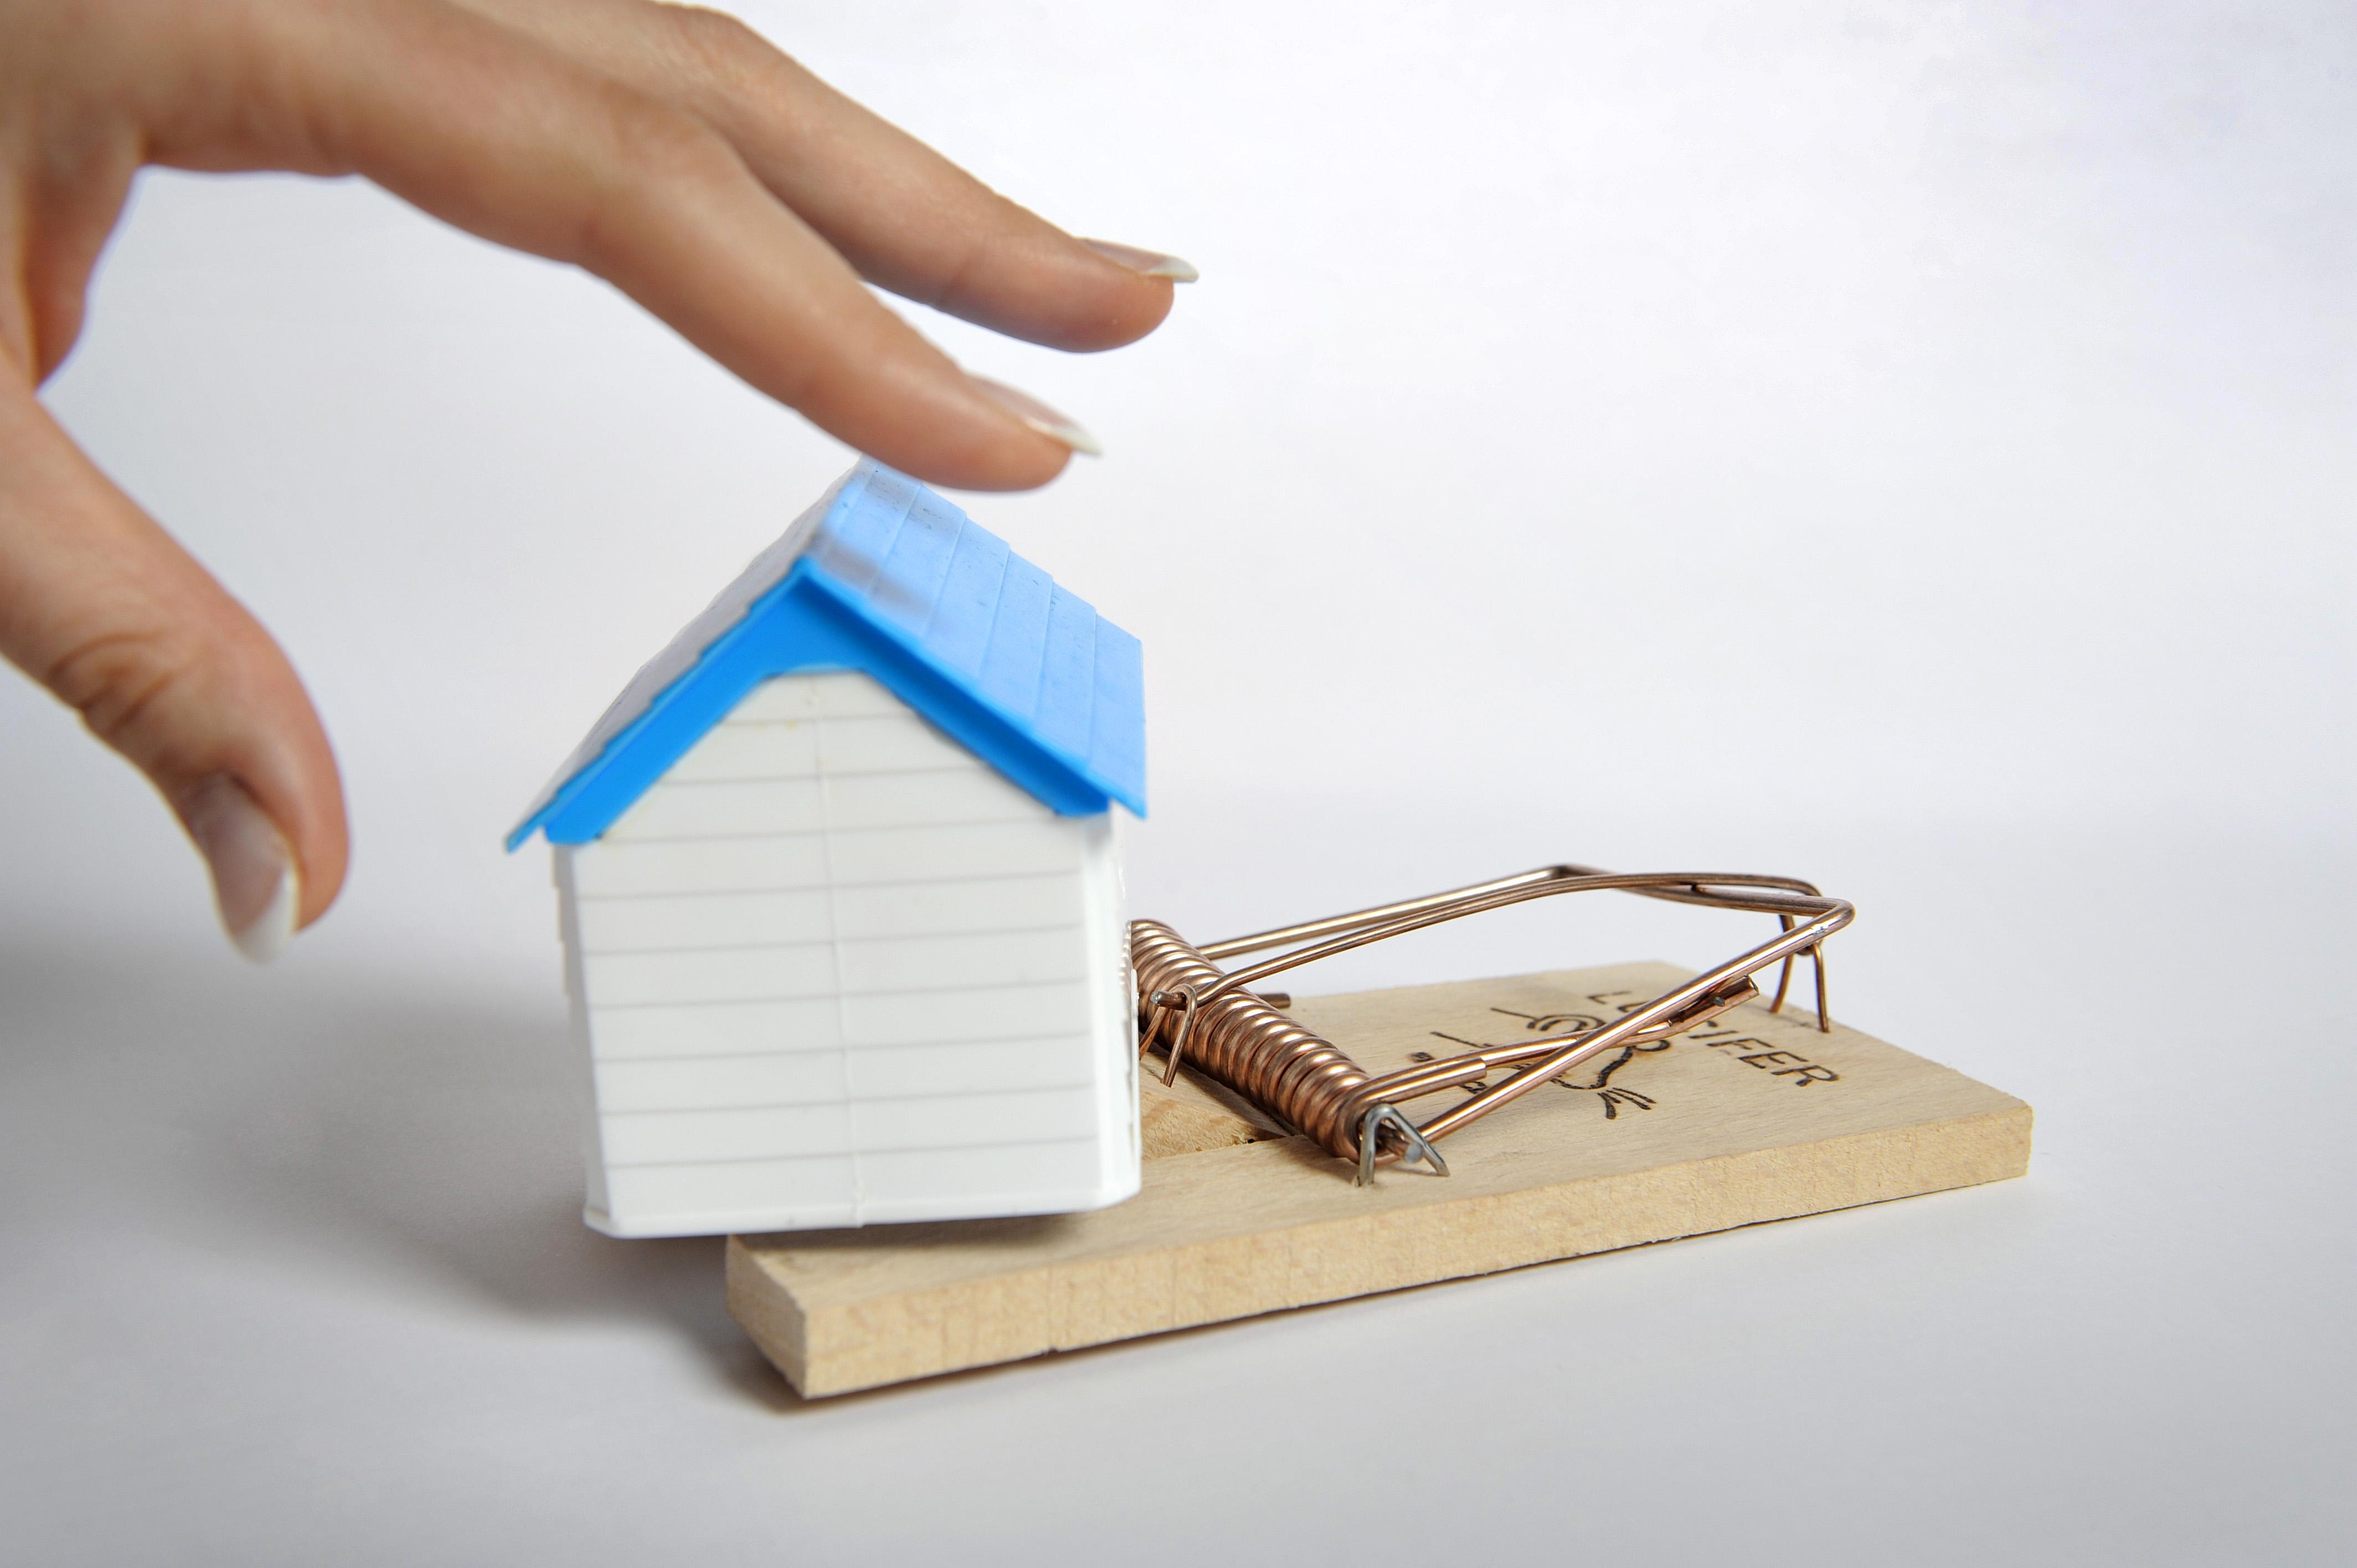 Cancellazione trascrizione pignoramento immobiliare i - Pignoramento prima casa 2017 ...